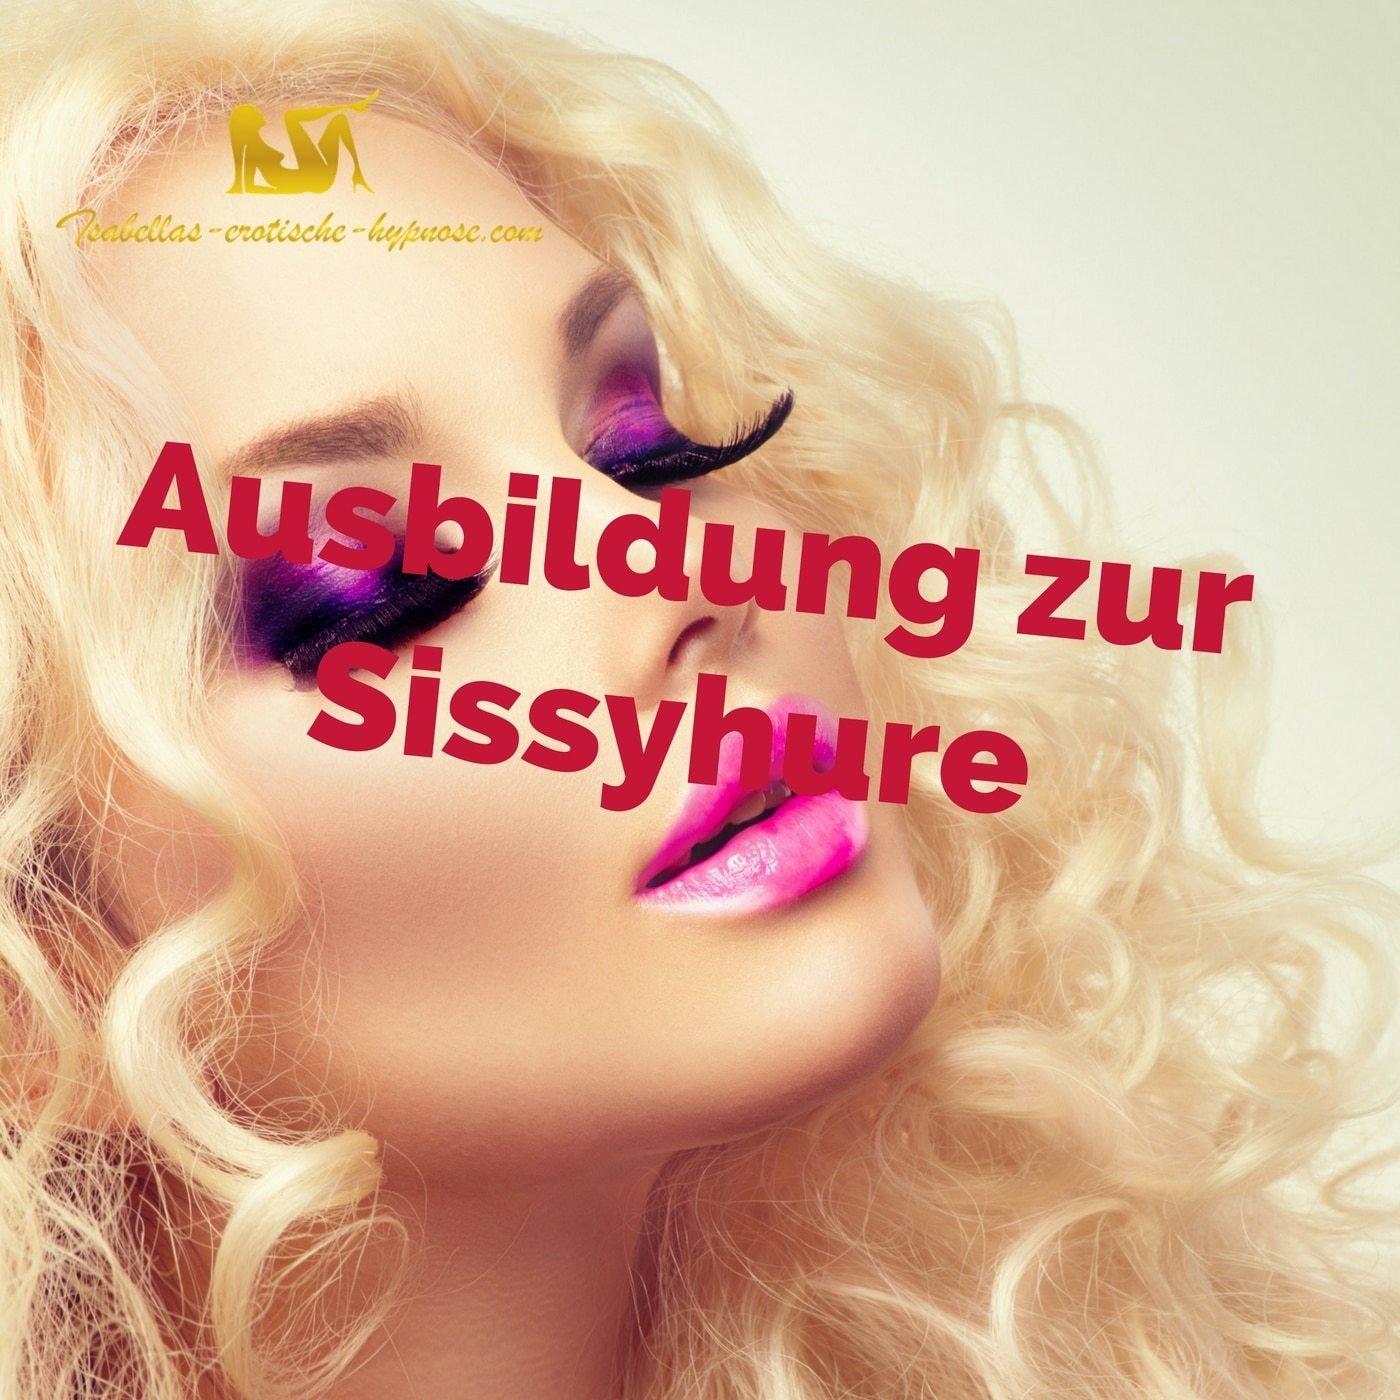 Ausbildung zur Sissyhure by Lady Isabella